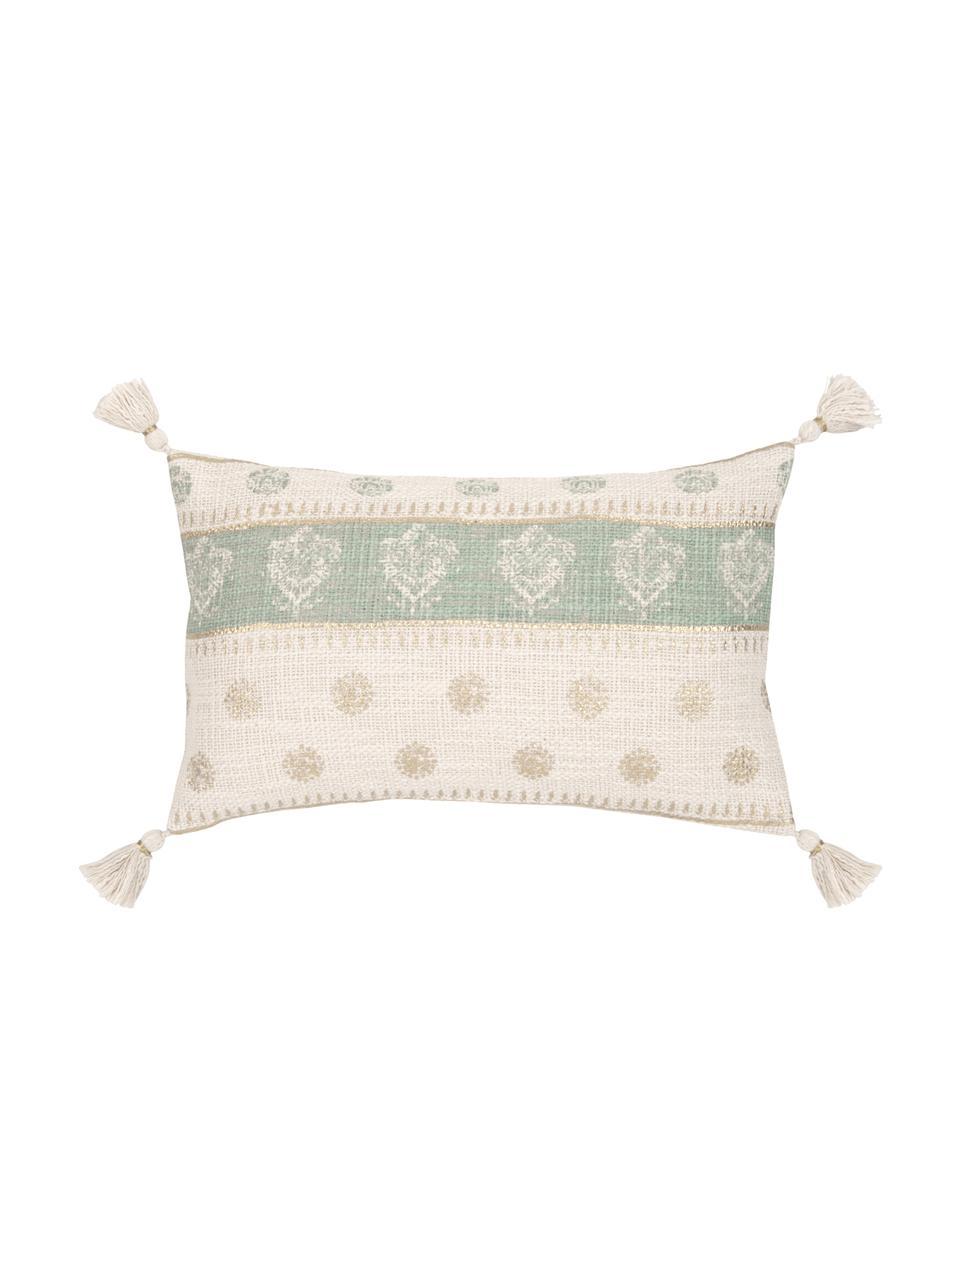 Poszewka na poduszkę z chwostami Jasmine, 100% bawełna, Beżowy, zielony miętowy, odcienie złotego, S 30 x D 50 cm